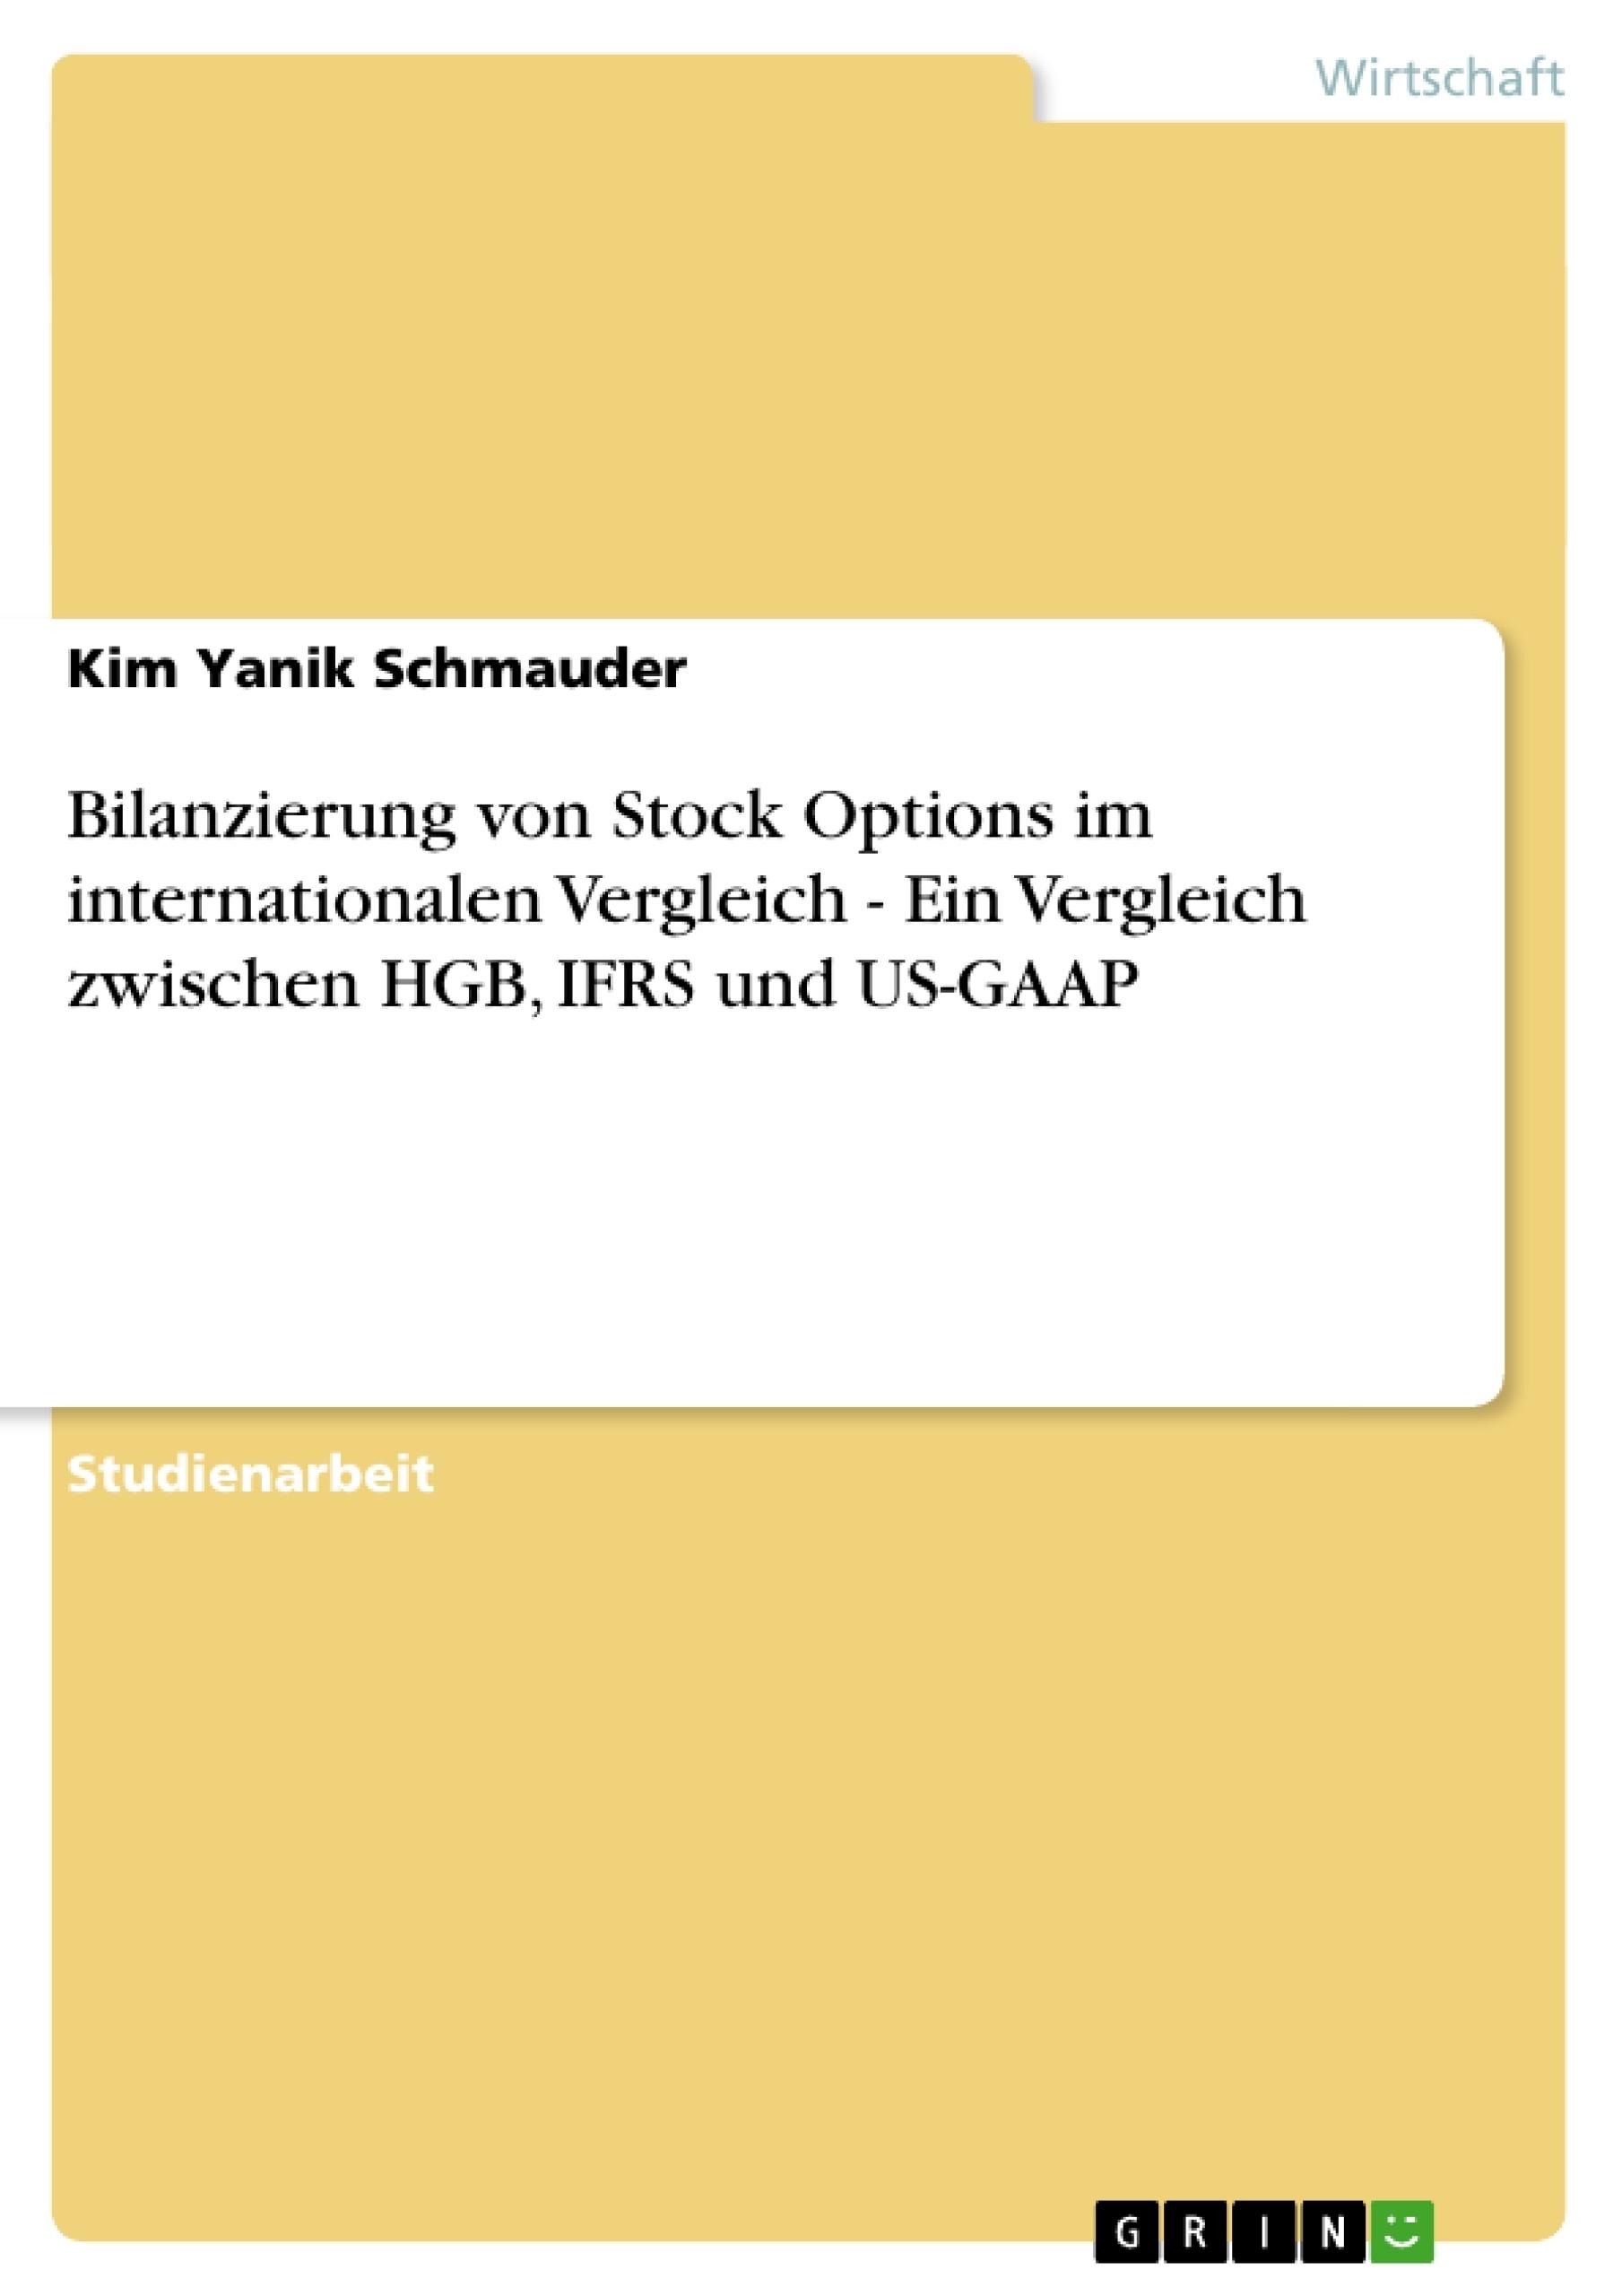 Titel: Bilanzierung von Stock Options im internationalen Vergleich - Ein Vergleich zwischen HGB, IFRS und US-GAAP